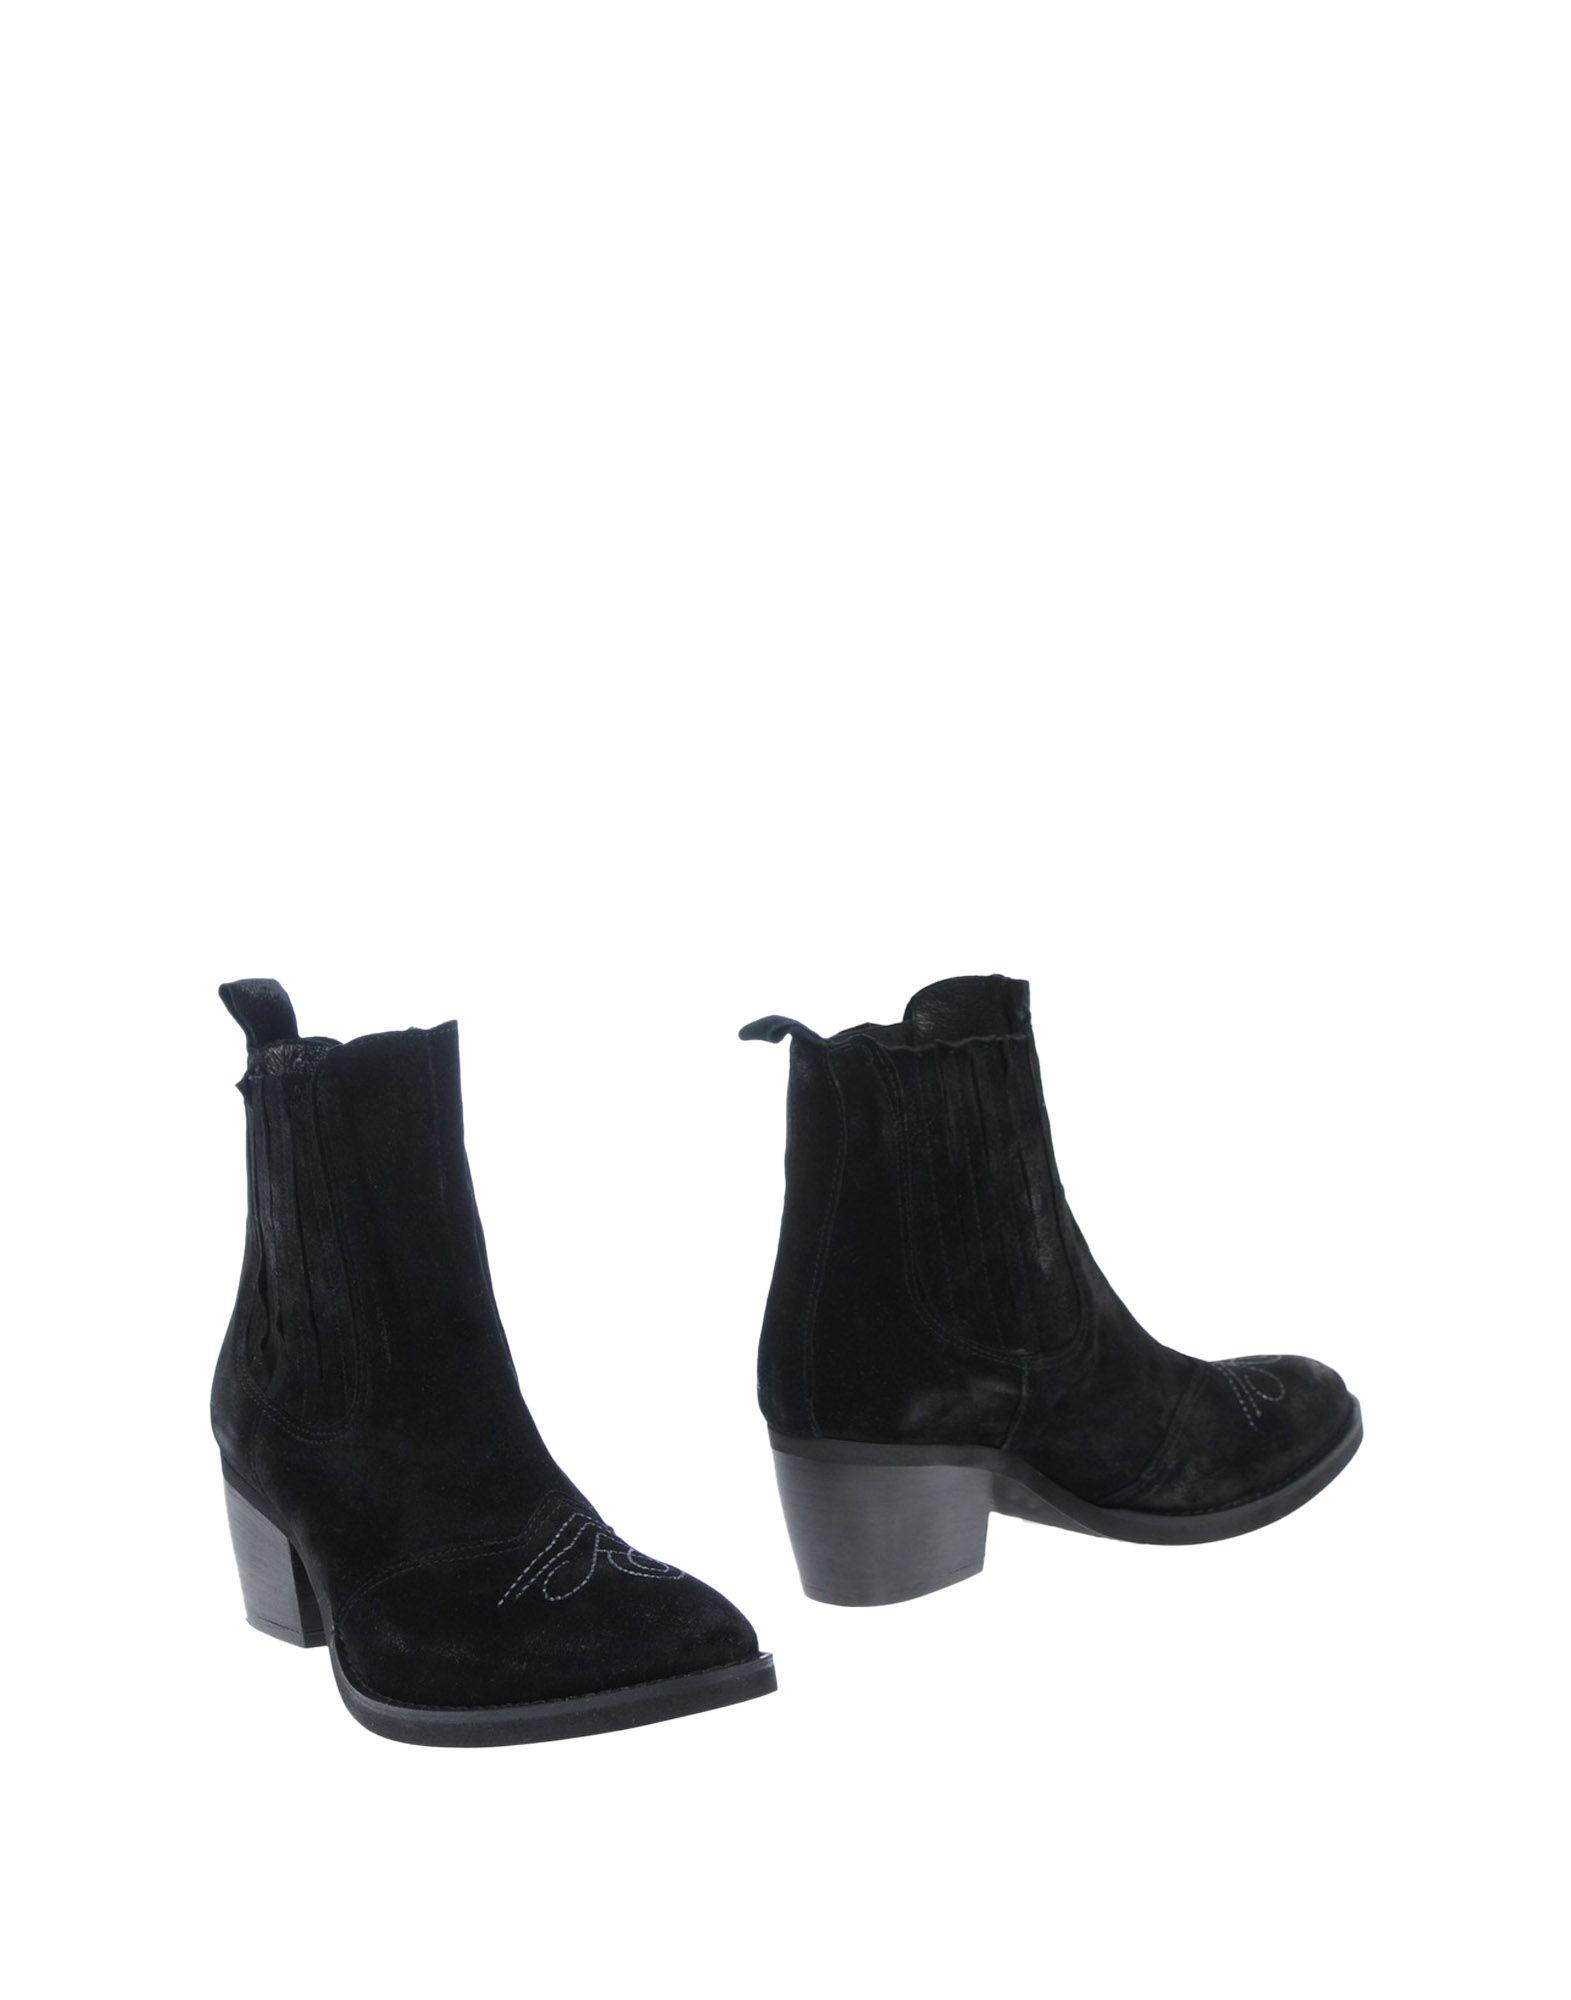 Tendenze Gute Stiefelette Damen  11506926DV Gute Tendenze Qualität beliebte Schuhe d7efc0